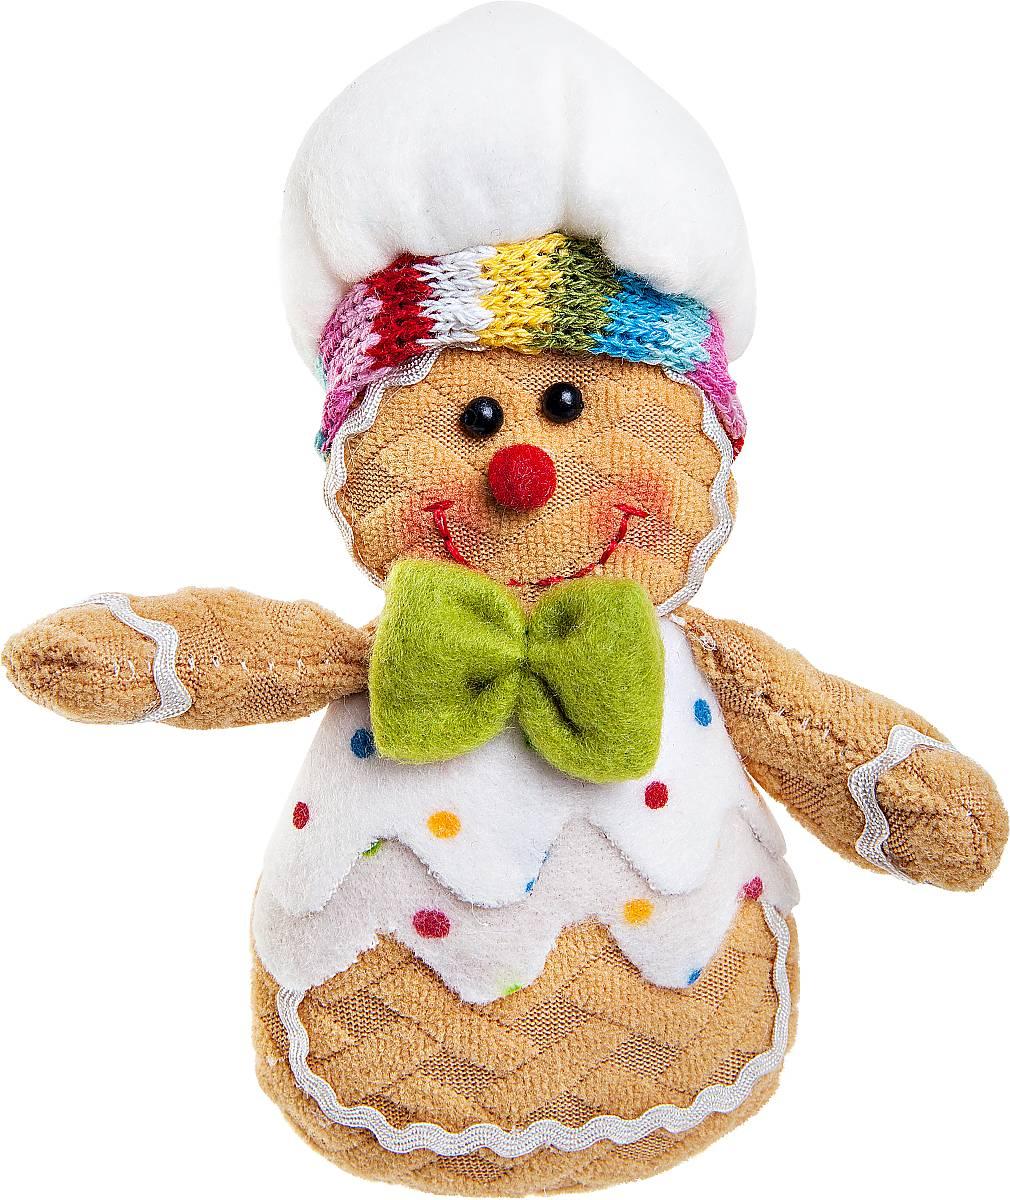 Игрушка новогодняя мягкая Mister Christmas Пряничный мальчик, высота 13 смDOL-1Мягкая новогодняя игрушка Mister Christmas Пряничный мальчик, изготовленная из текстиля, прекрасно подойдет для праздничного декора дома. Изделие можно разместить в любом понравившемся вам месте. Новогодняя игрушка несет в себе волшебство и красоту праздника. Создайте в своем доме атмосферу веселья и радости, украшая дом красивыми игрушками, которые будут из года в год накапливать теплоту воспоминаний.Высота игрушки: 13 см.